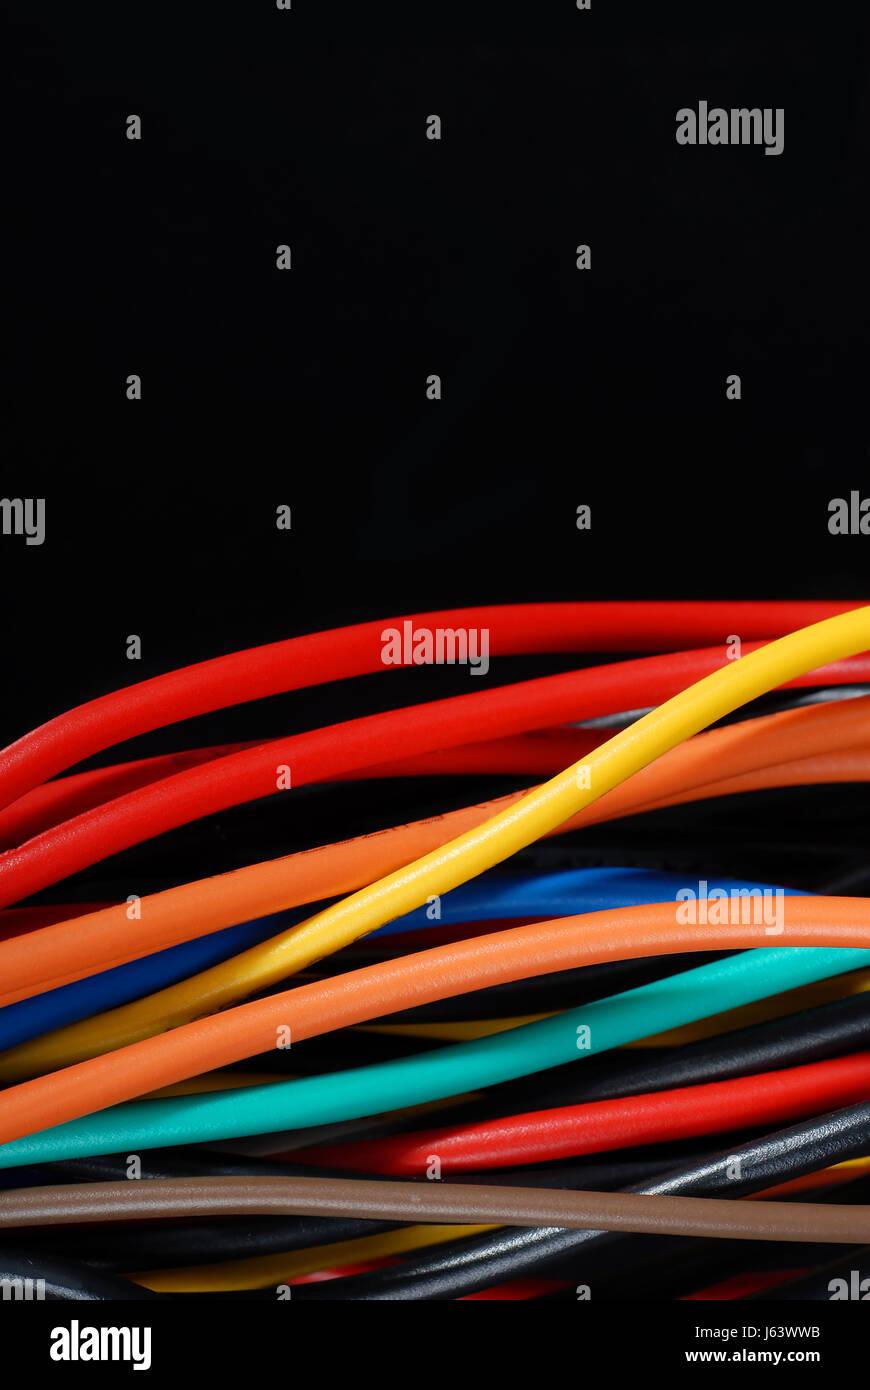 Charmant Drahtlitze Kabel Textur Bilder - Elektrische Schaltplan ...